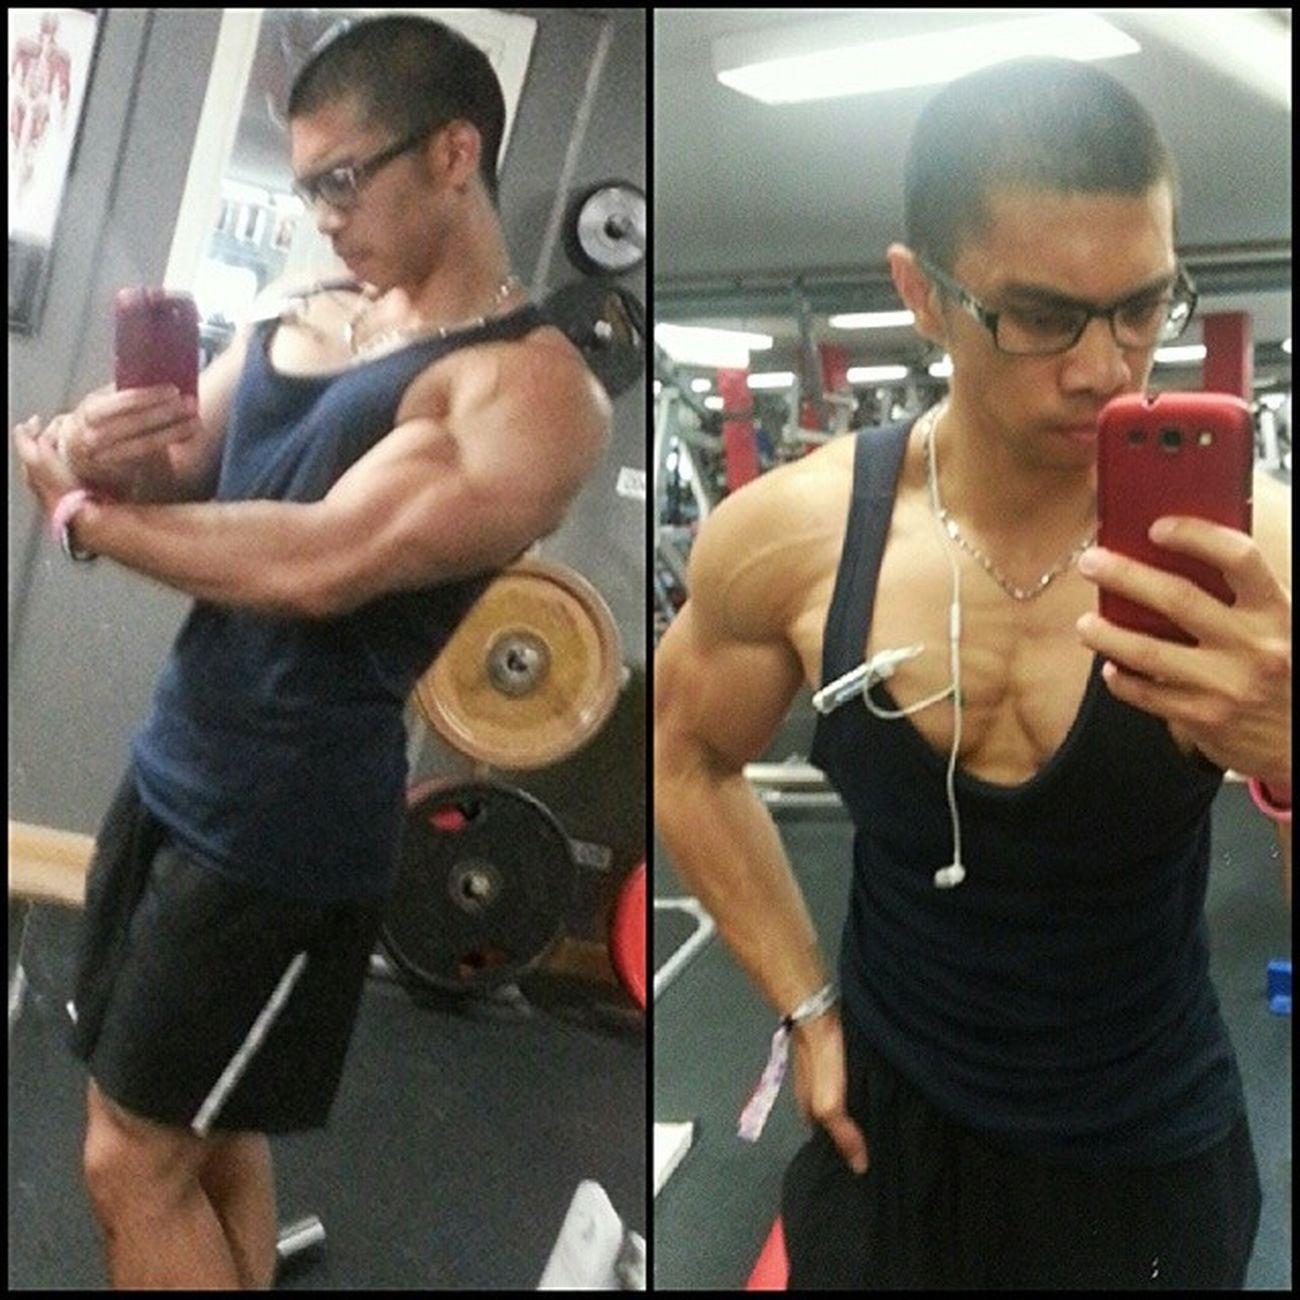 Dieten fortsätter...Är förvånansvärt enkelt att dieta när man räknar kalorier, däremot så vill man äta non-stop. Ligger på riktigt låg kaloriintag nu, men formen blir bättre. Gått ner 12kg nu sedan dietstart. Exhalegym Flagom Aldrigvila Minresaräknas diet bodybuilding fitness motivation diet gym shredded ripped igfit flex